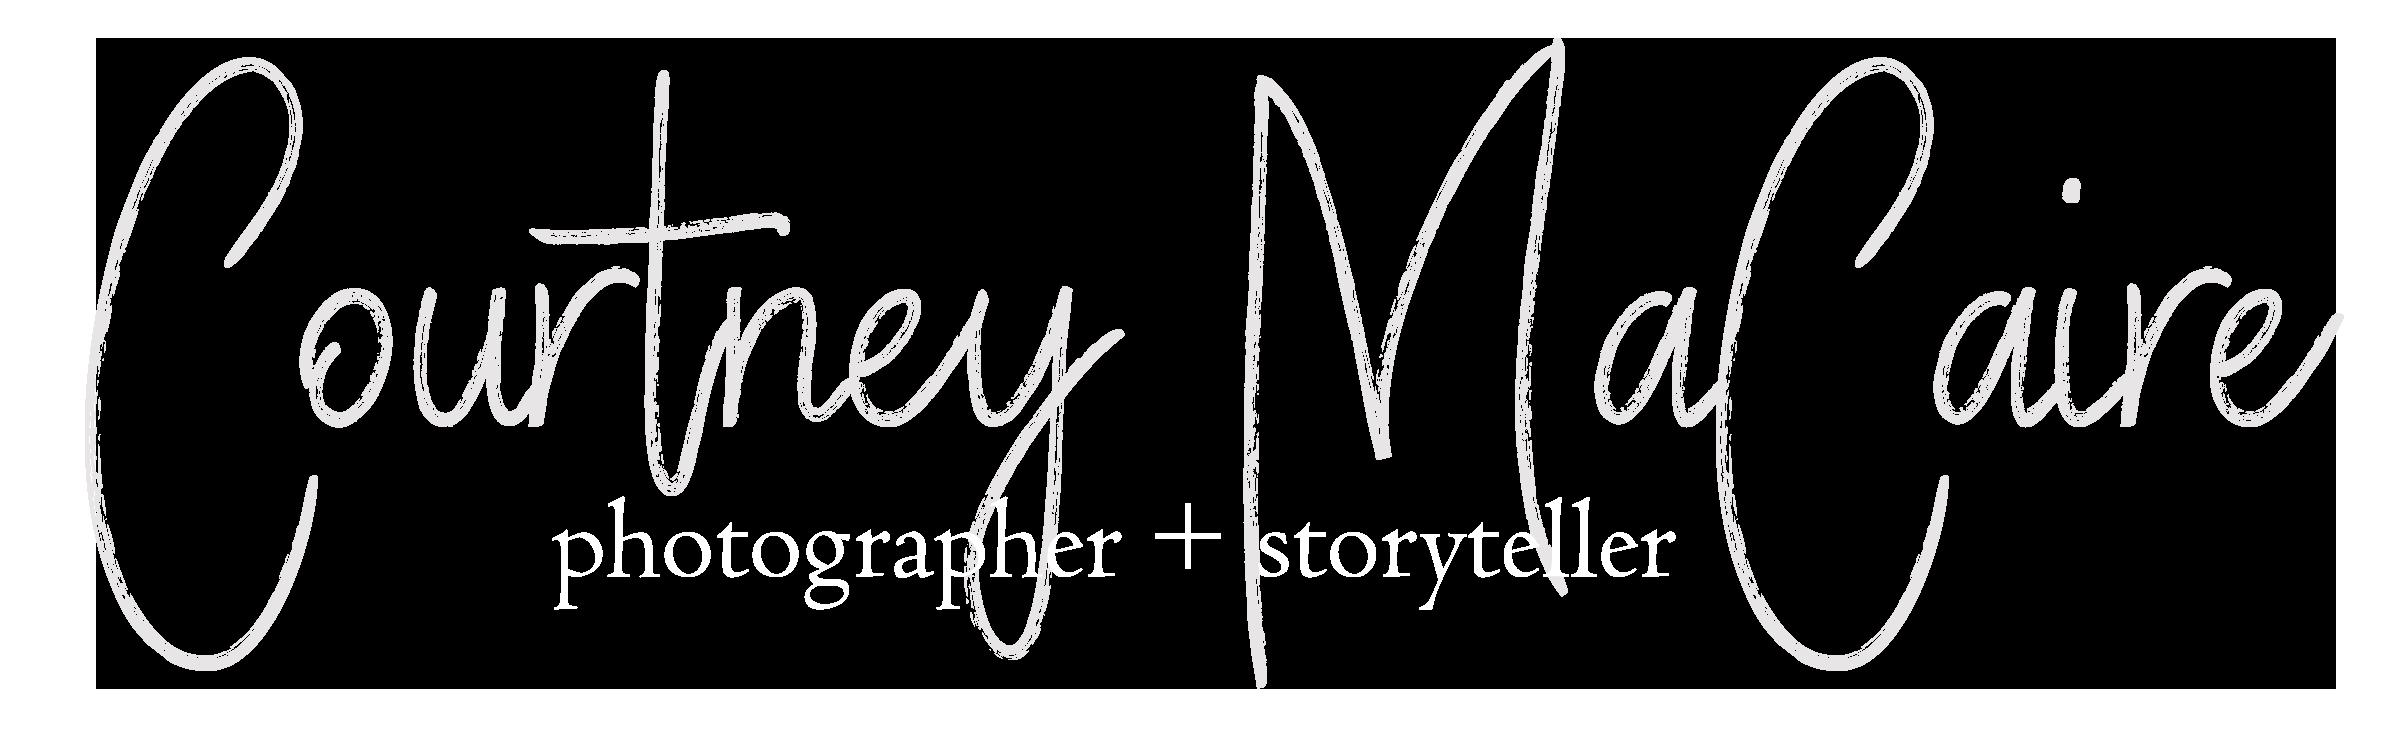 Kansas City Photographer + Storyteller